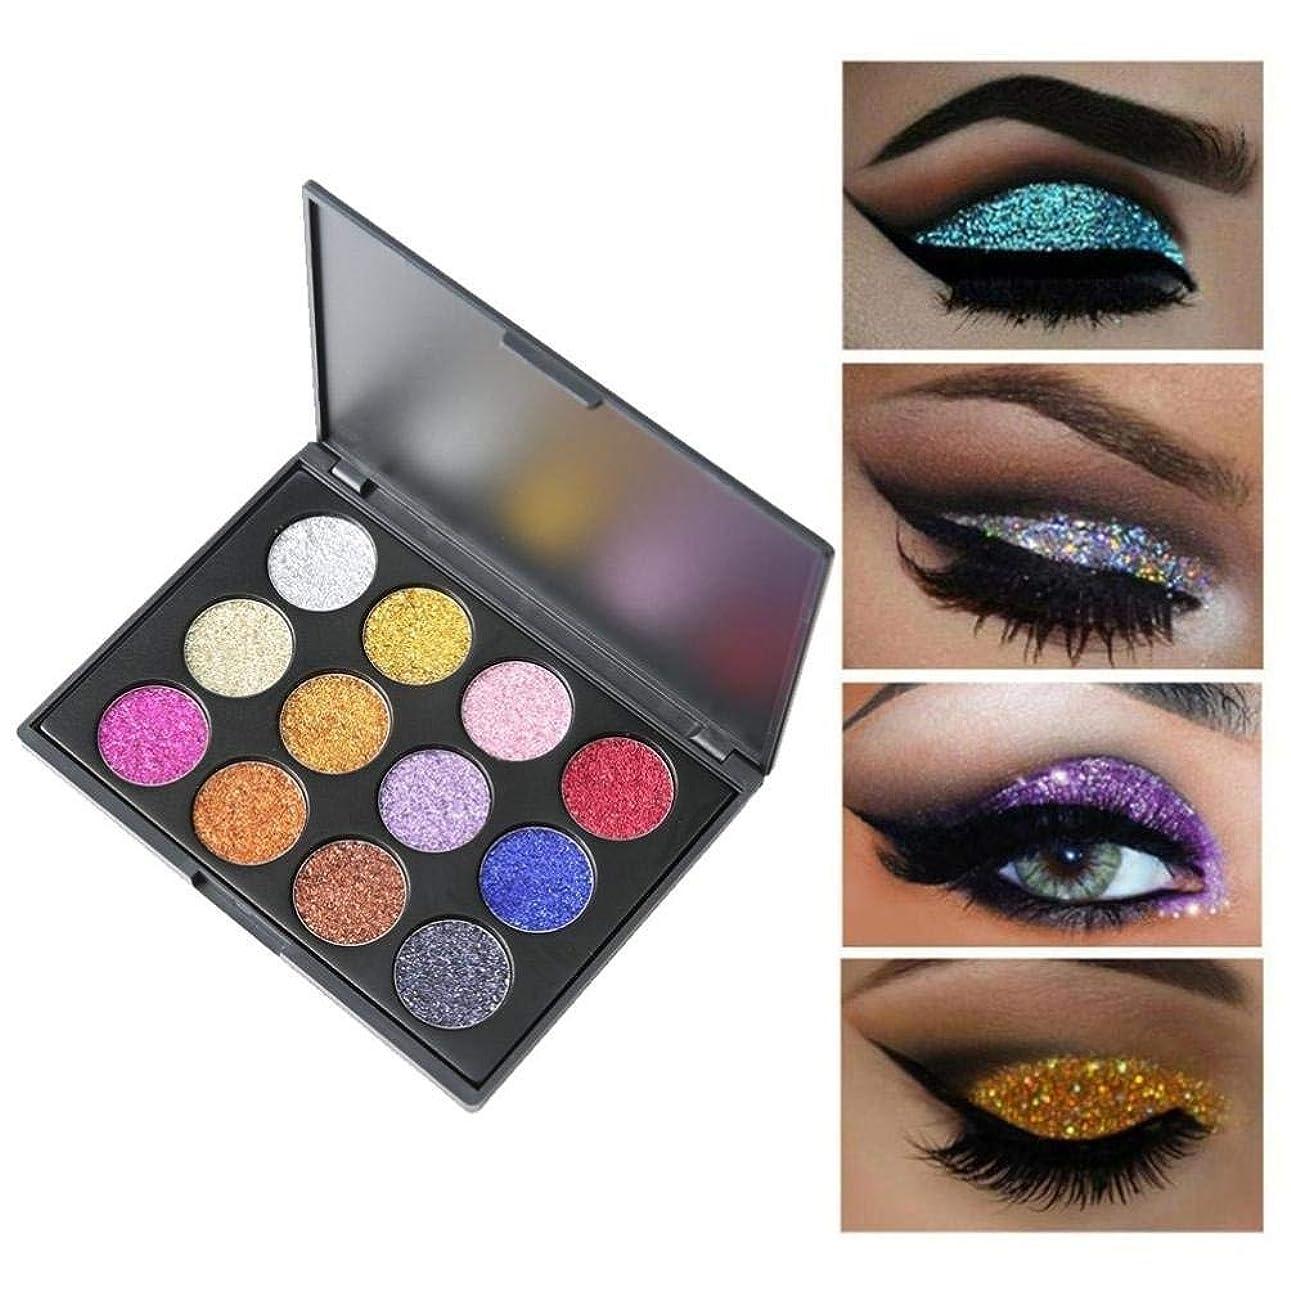 ミスペンドへこみ本土Eyeshadow、sacow 12色Shimmer Glitter Eye ShadowパウダーアイシャドーパレットCosmeticメイクアップ